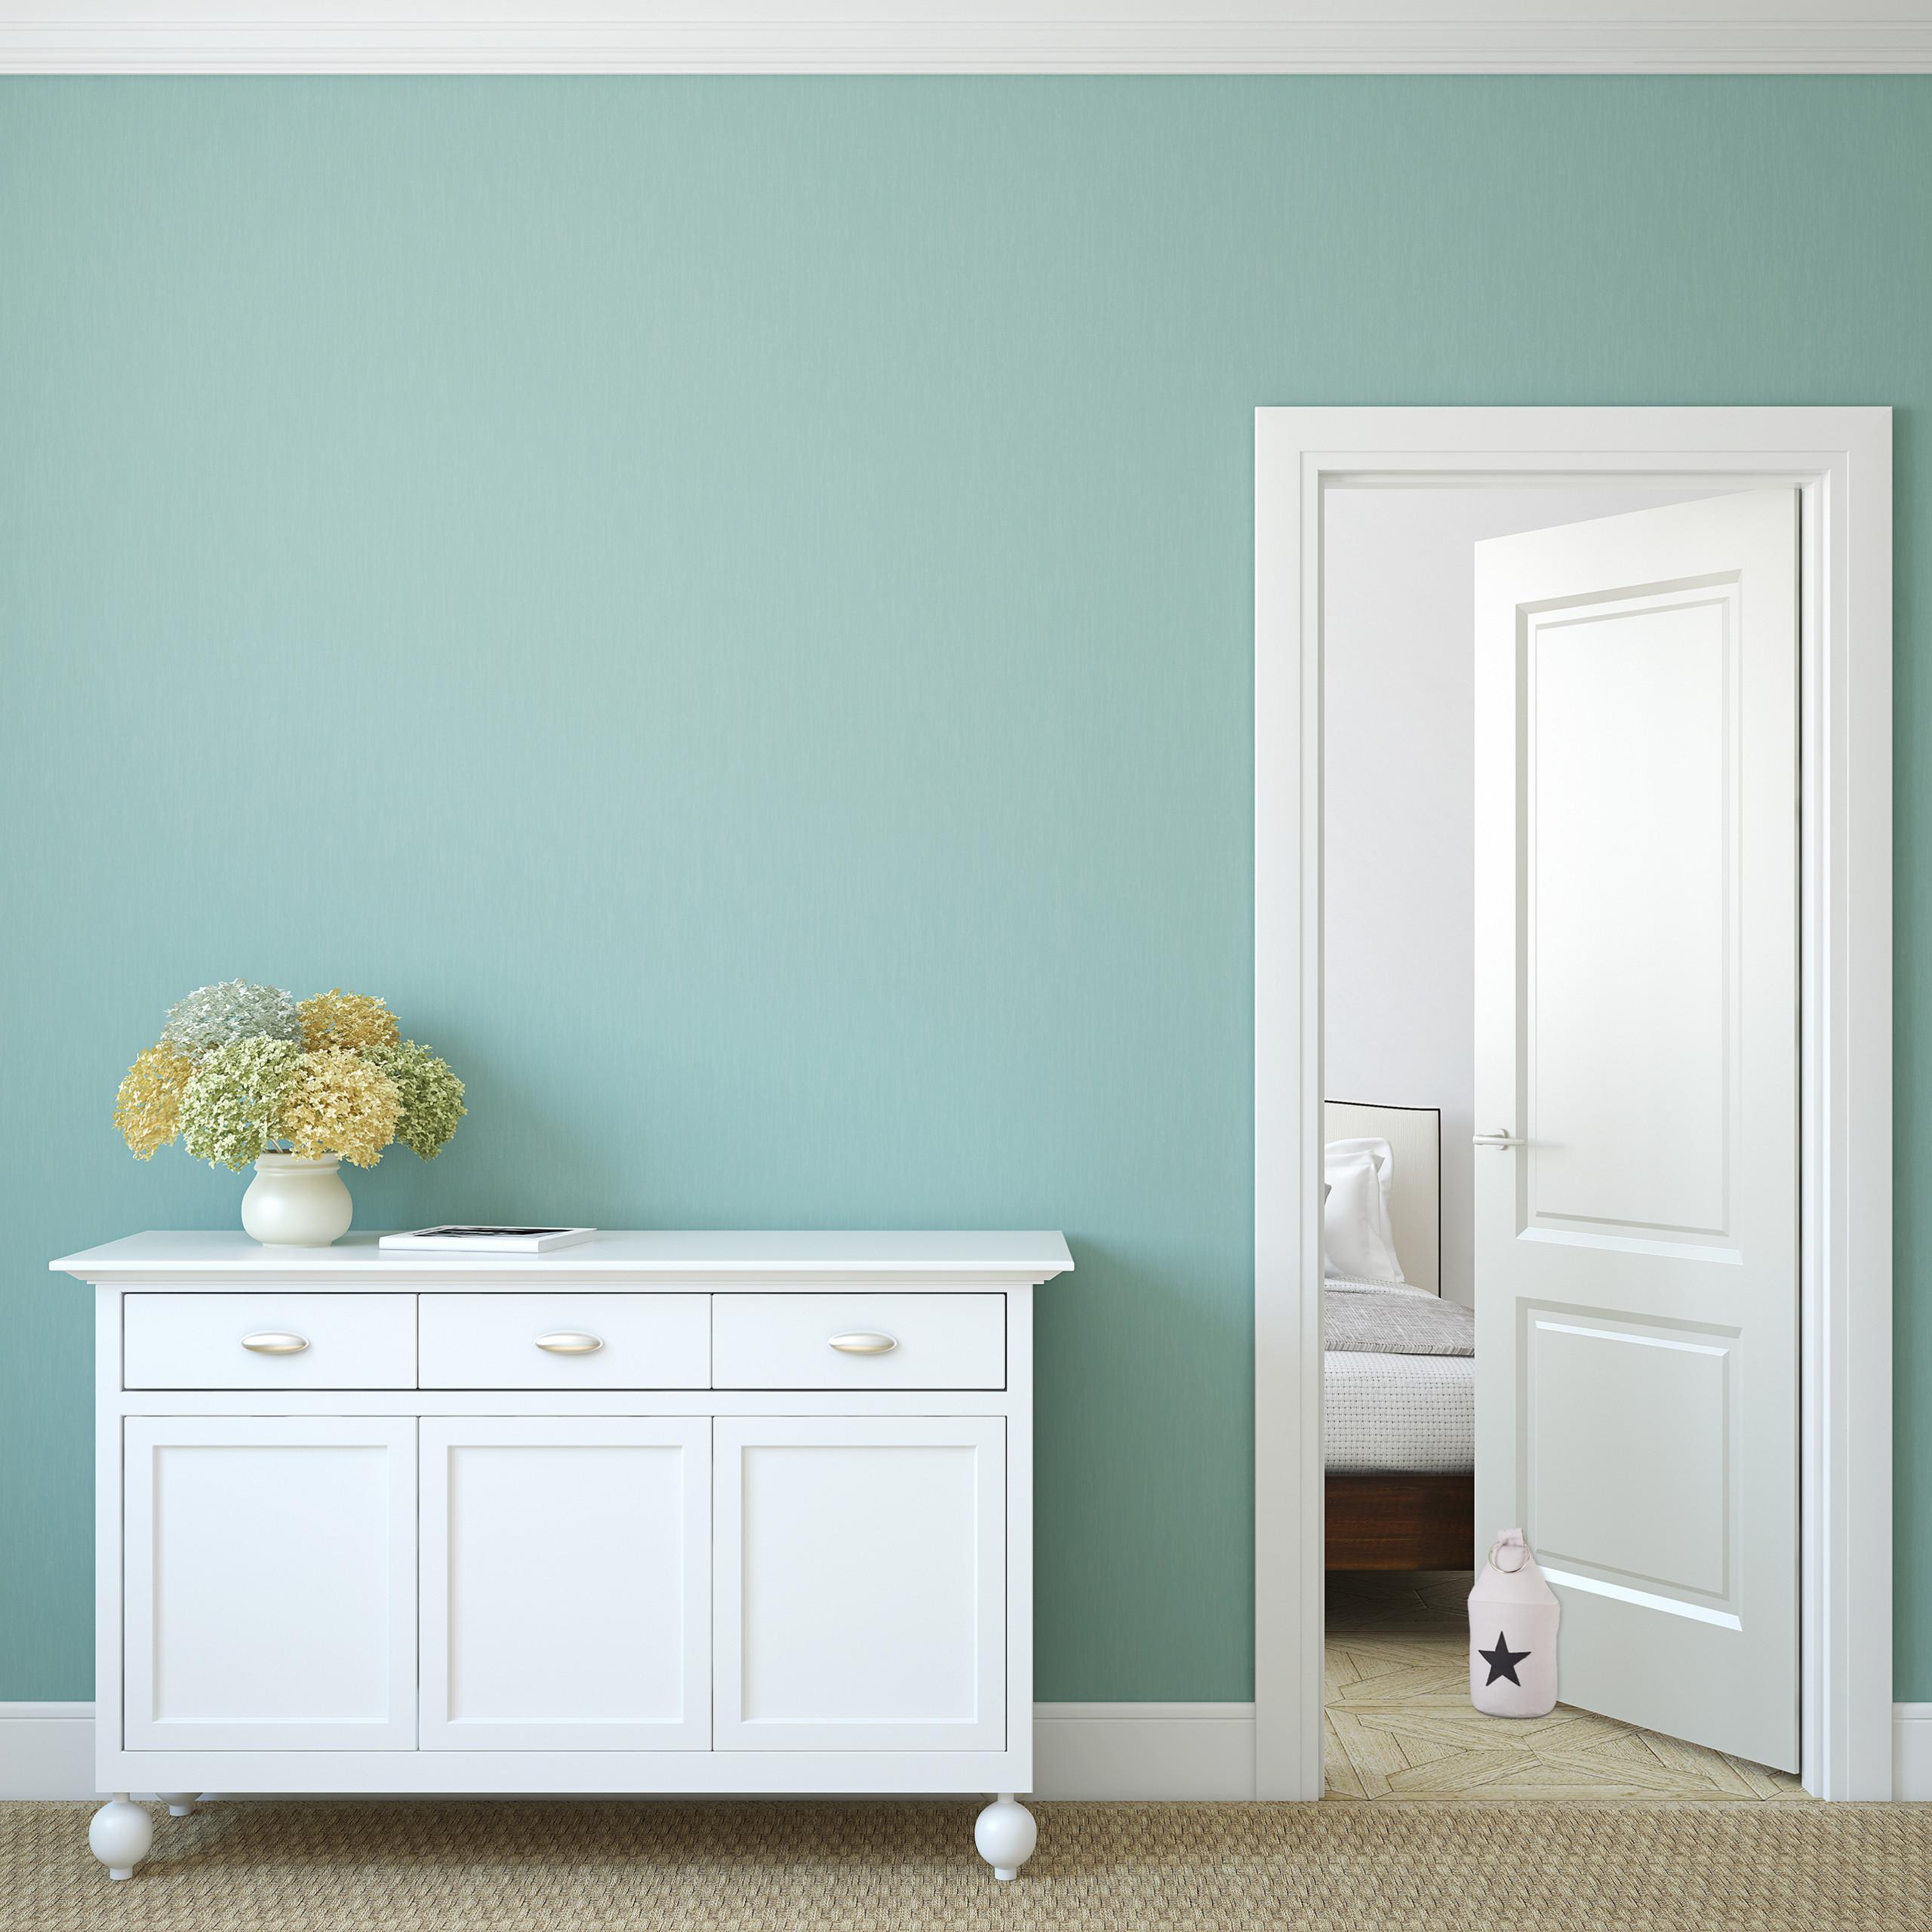 Door-Stop-with-Star-Fabric-Bumper-Floor-Doorstop-Tall-with-Handle-Chic thumbnail 5